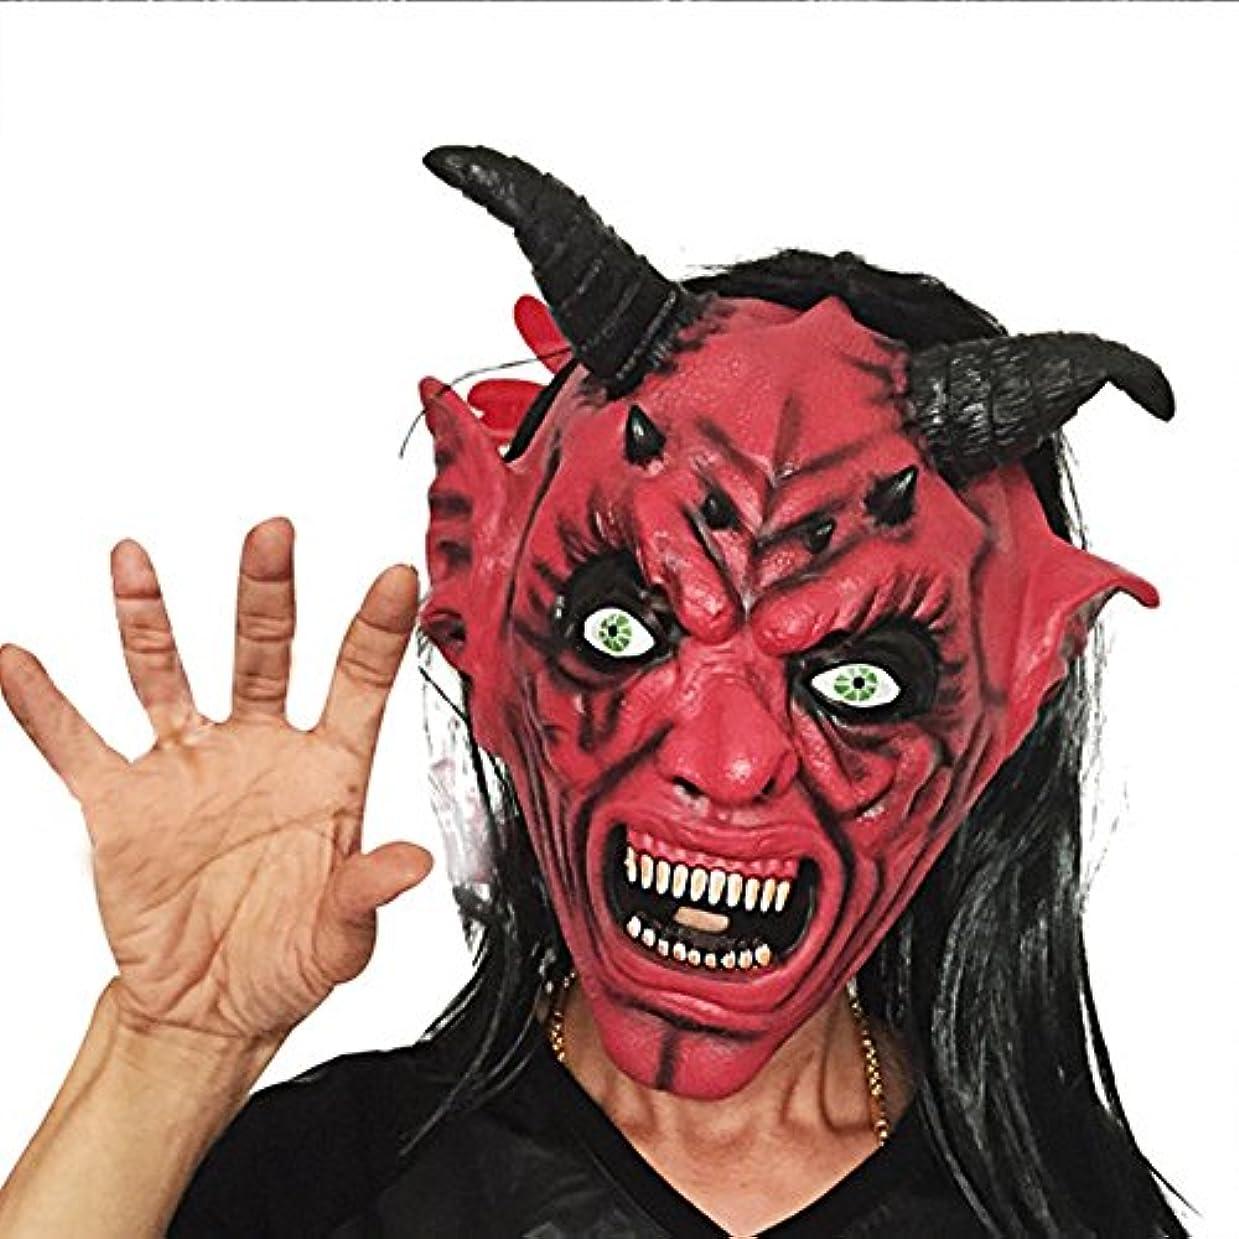 環境に優しいキャンペーン屈辱するハロウィンロングヘアレッドフェイスホーンマスクカーニバルバー怖い悪魔怖いセットレッドフェイスブラックマスク